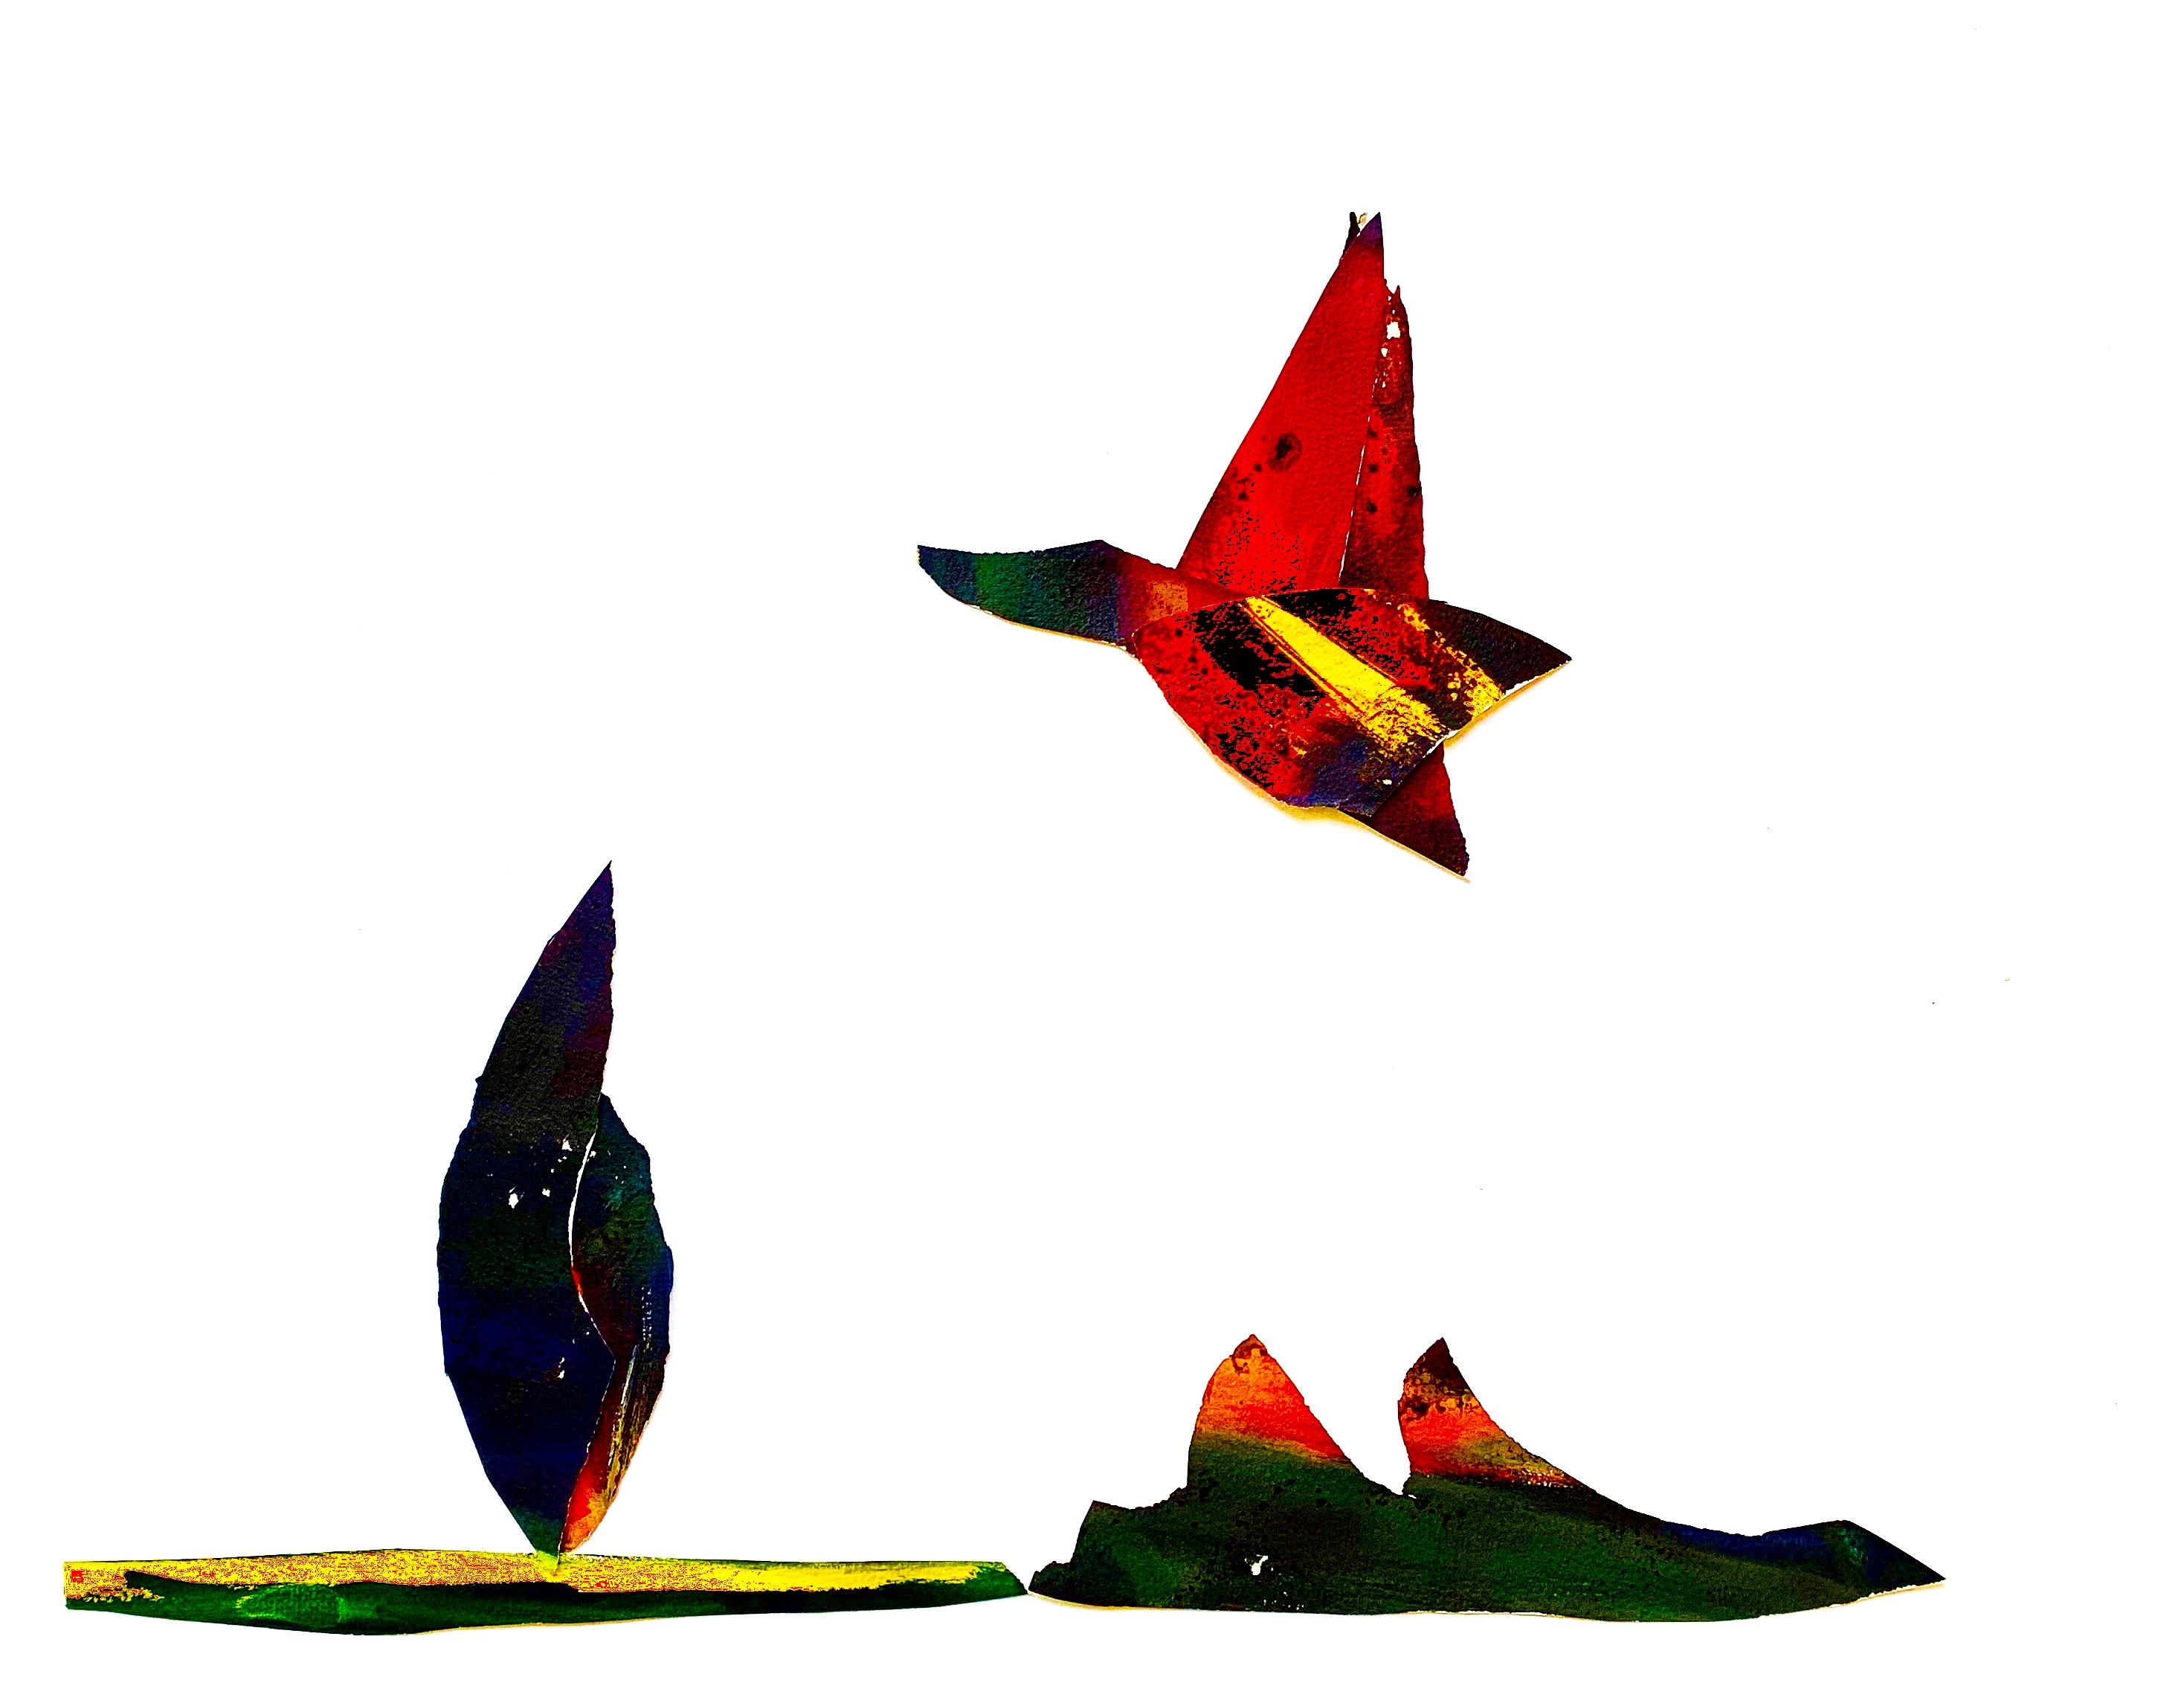 vogelvlucht eend natuur advandenboom transformatie crealism